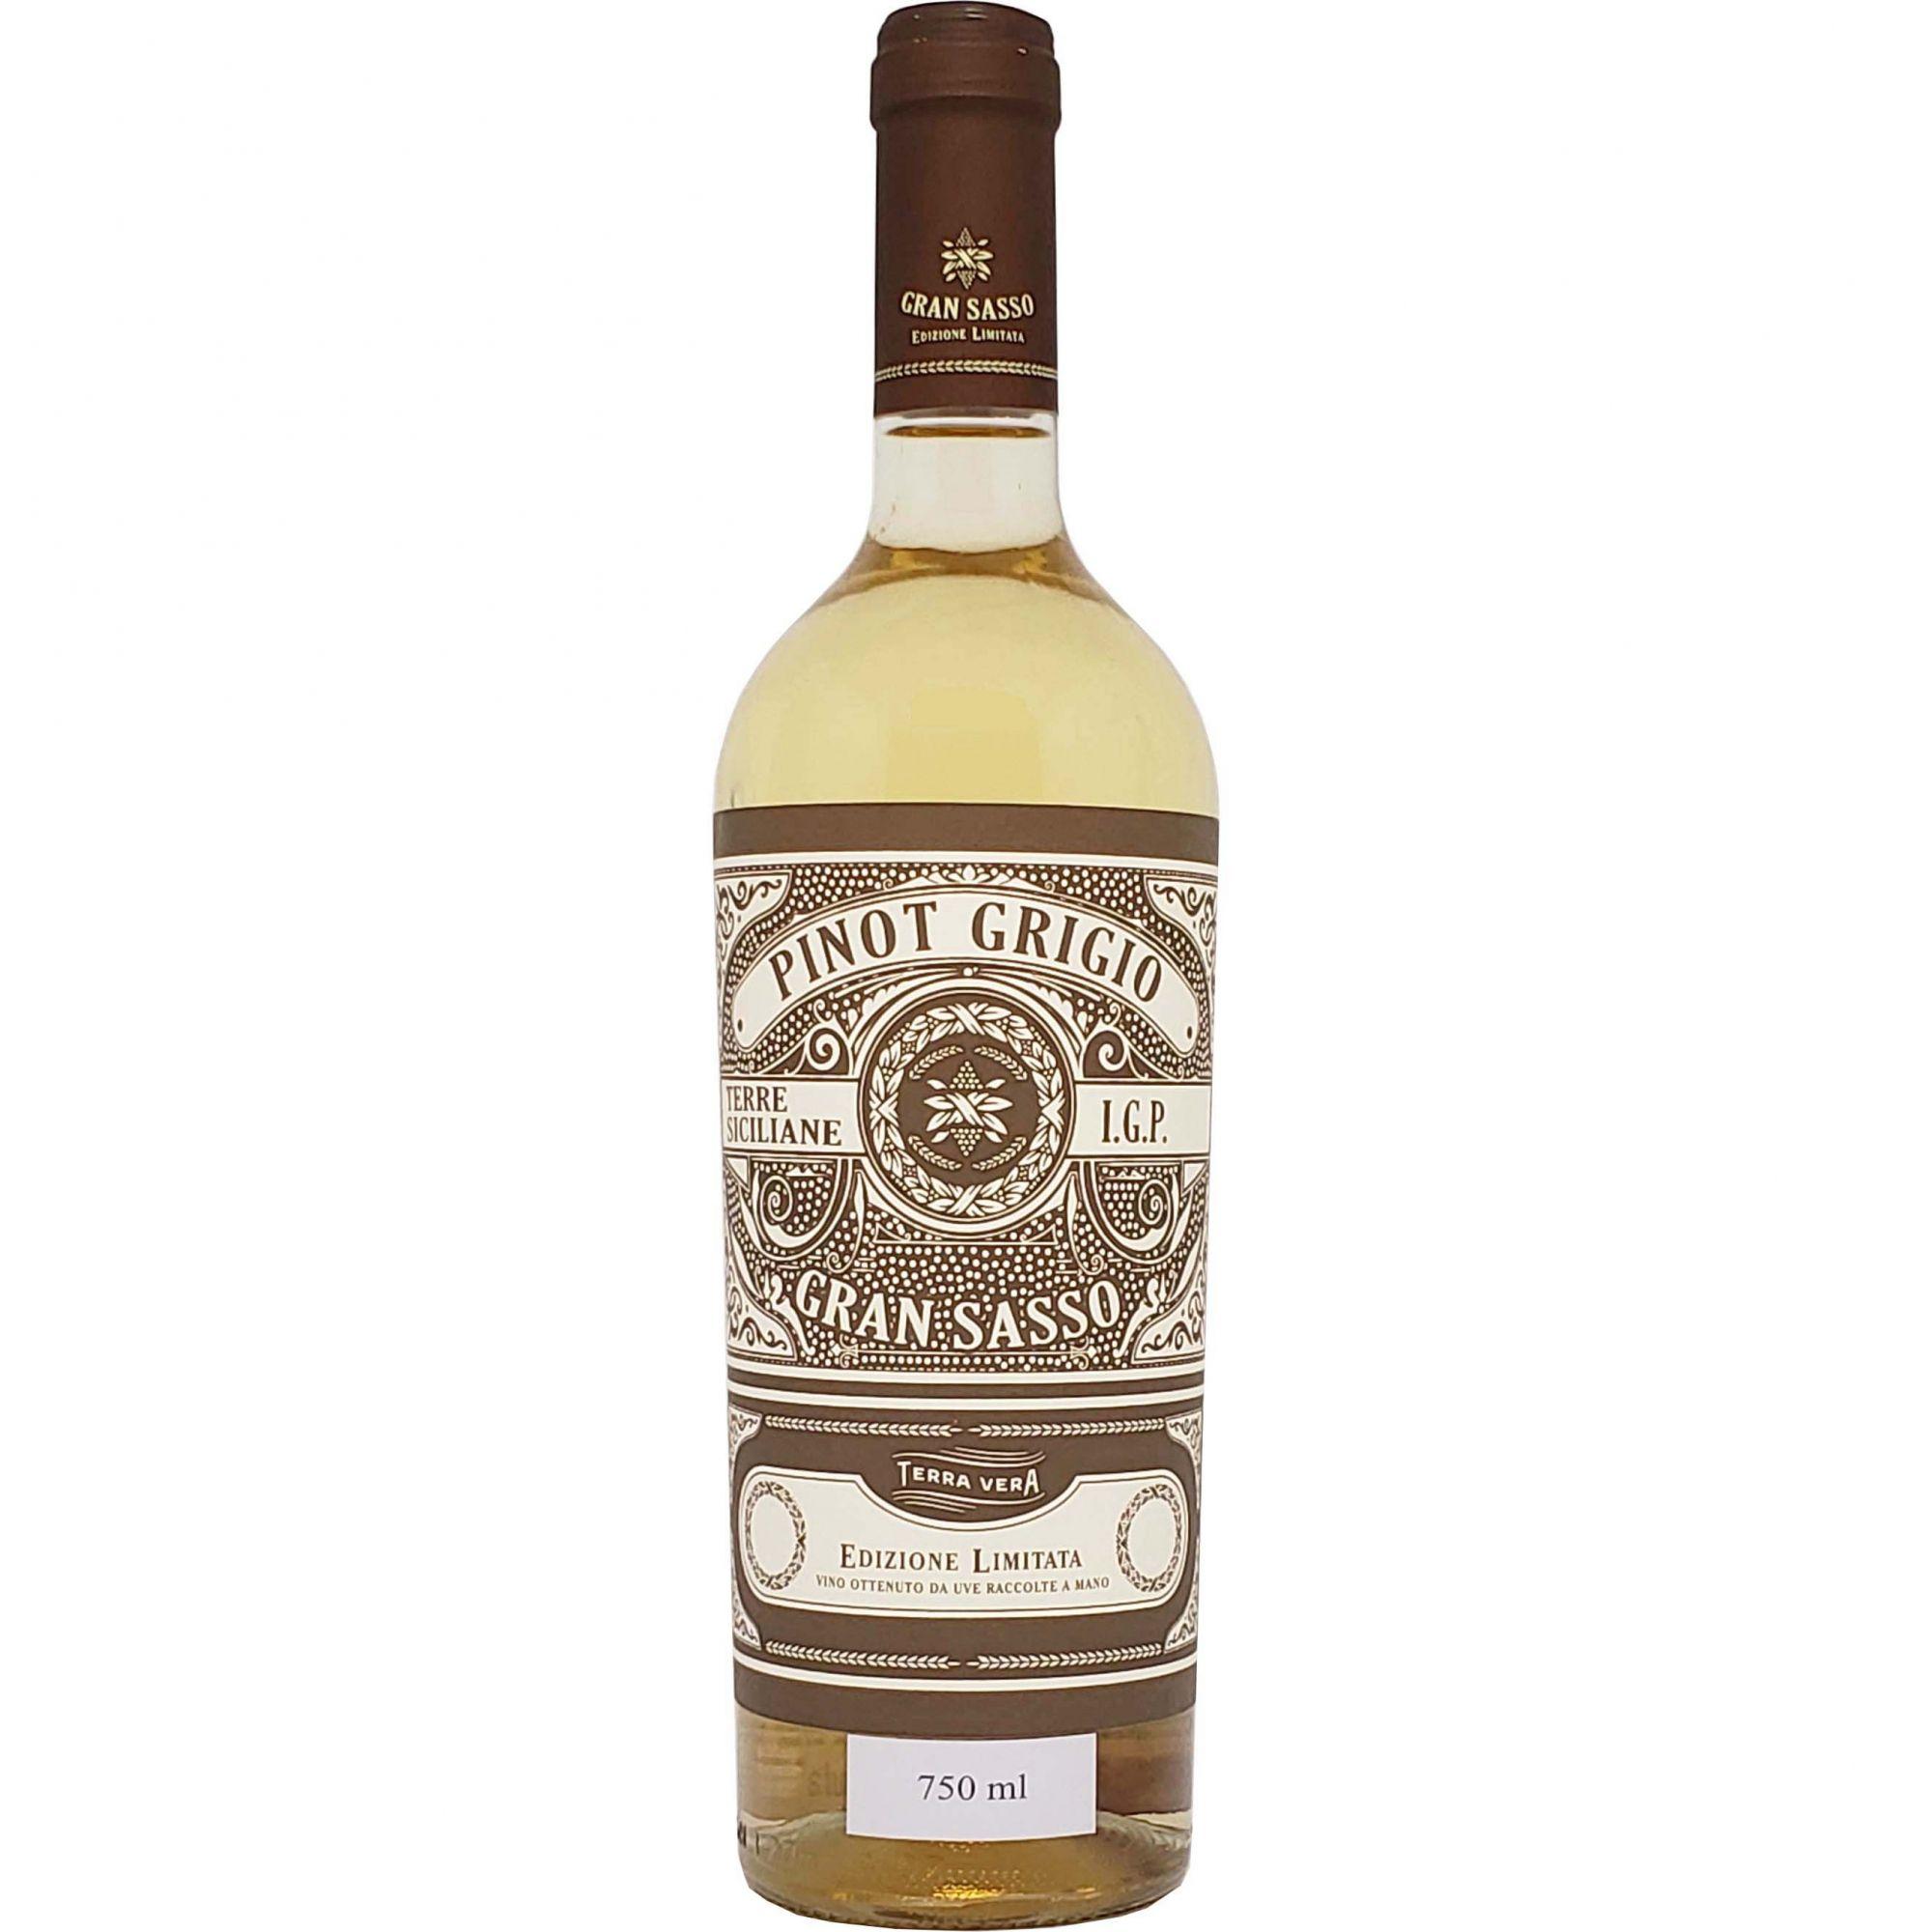 Vinho Branco Gran Sasso Pinot Grigio Edizione Limitata - 750ml -